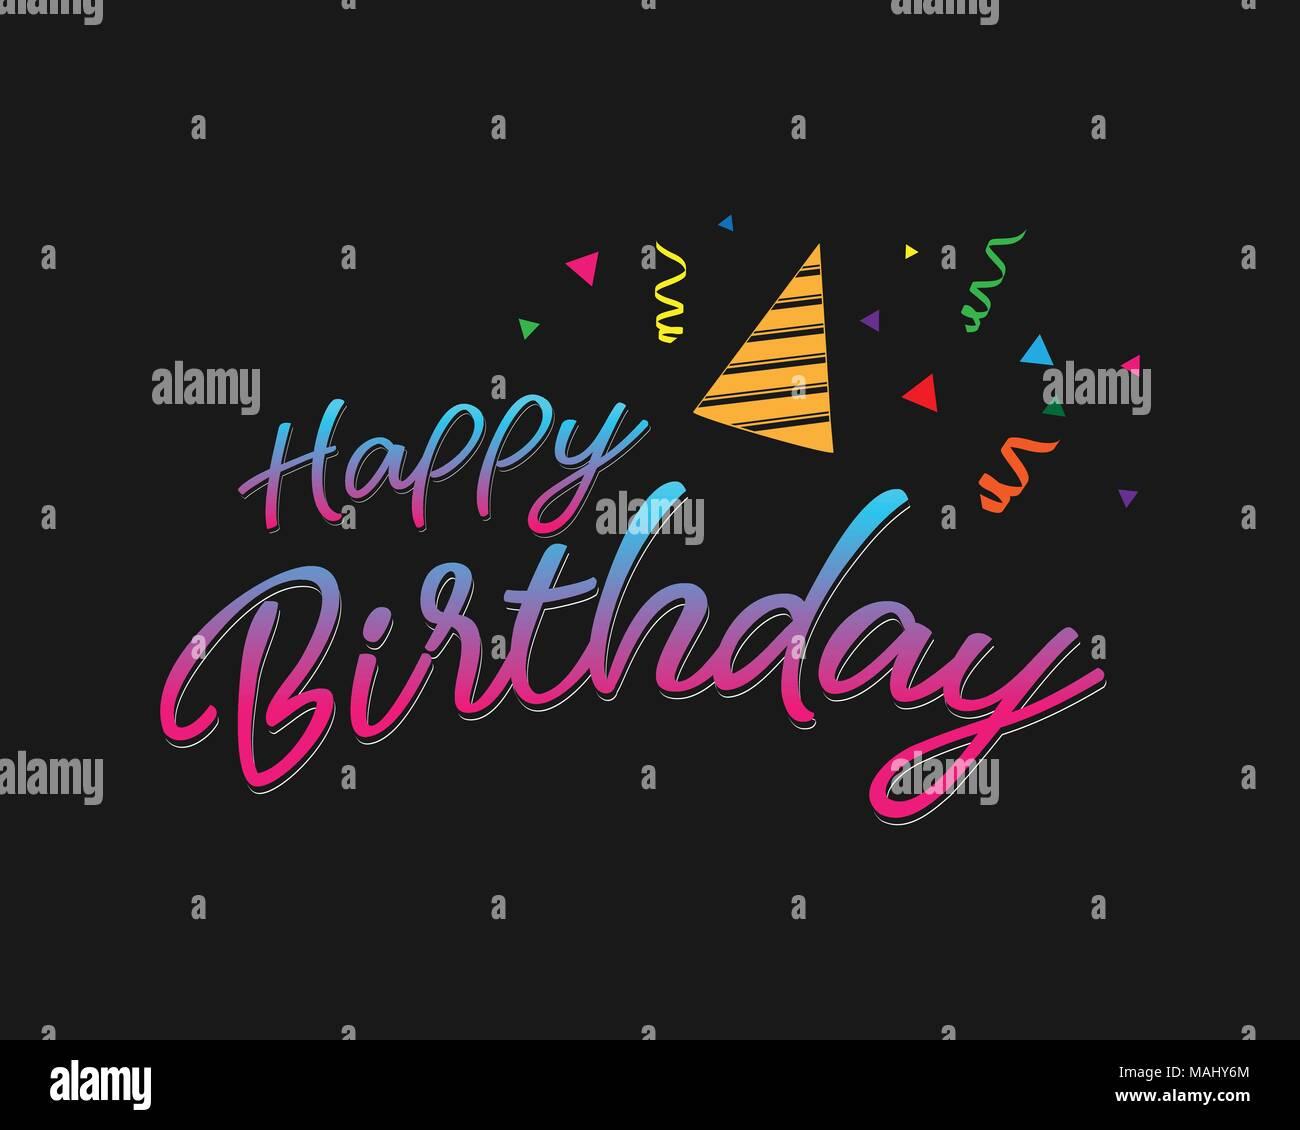 https www alamyimages fr joyeux anniversaire colore typographiques pour la conception graphique de l affiche banniere modele carte d anniversaire carte d invitation ou de voeux vector illustration image178644780 html